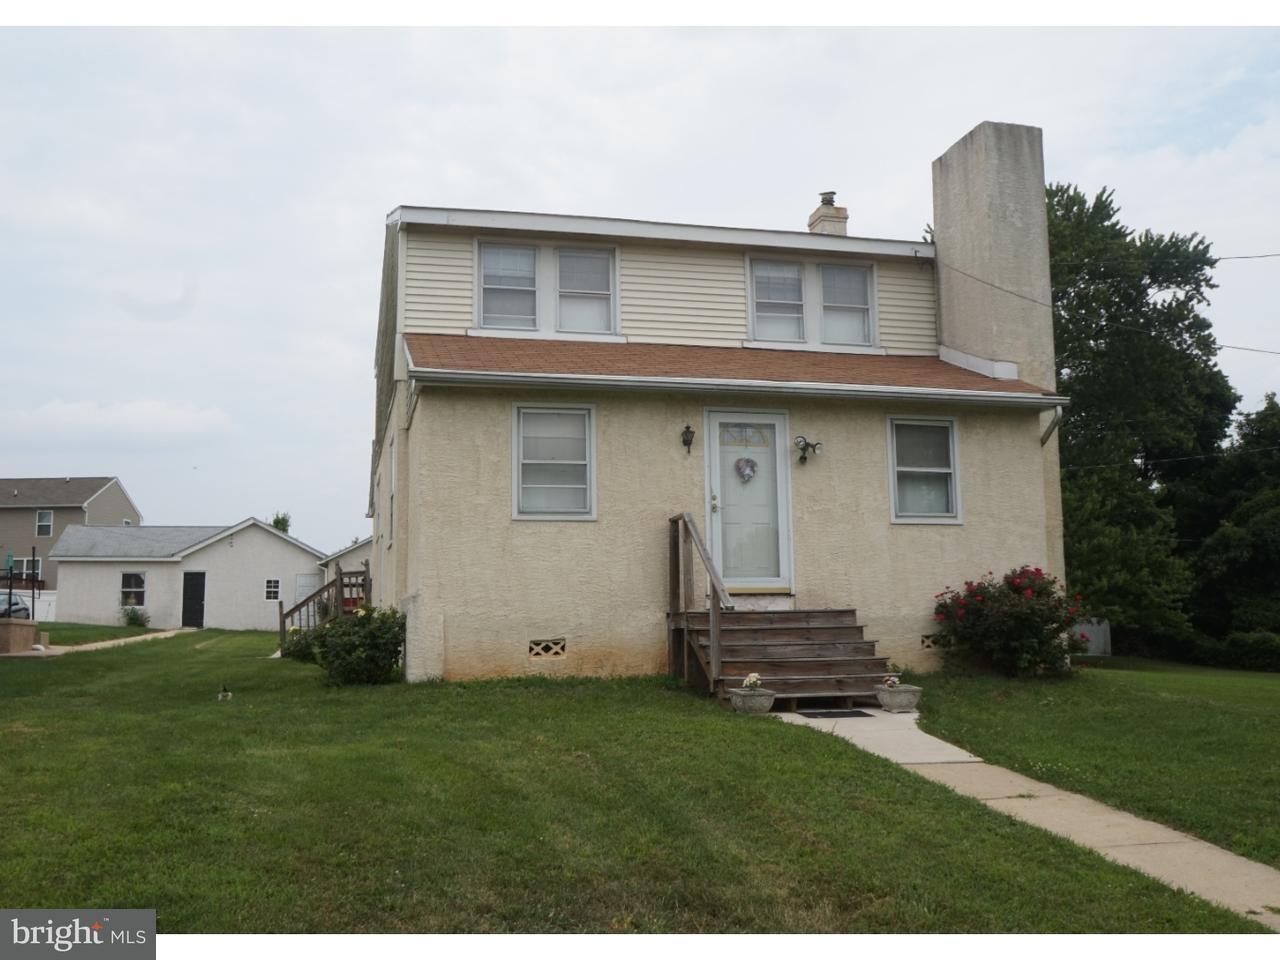 Частный односемейный дом для того Продажа на 2963 W GERMANTOWN PIKE Worcester, Пенсильвания 19403 Соединенные Штаты